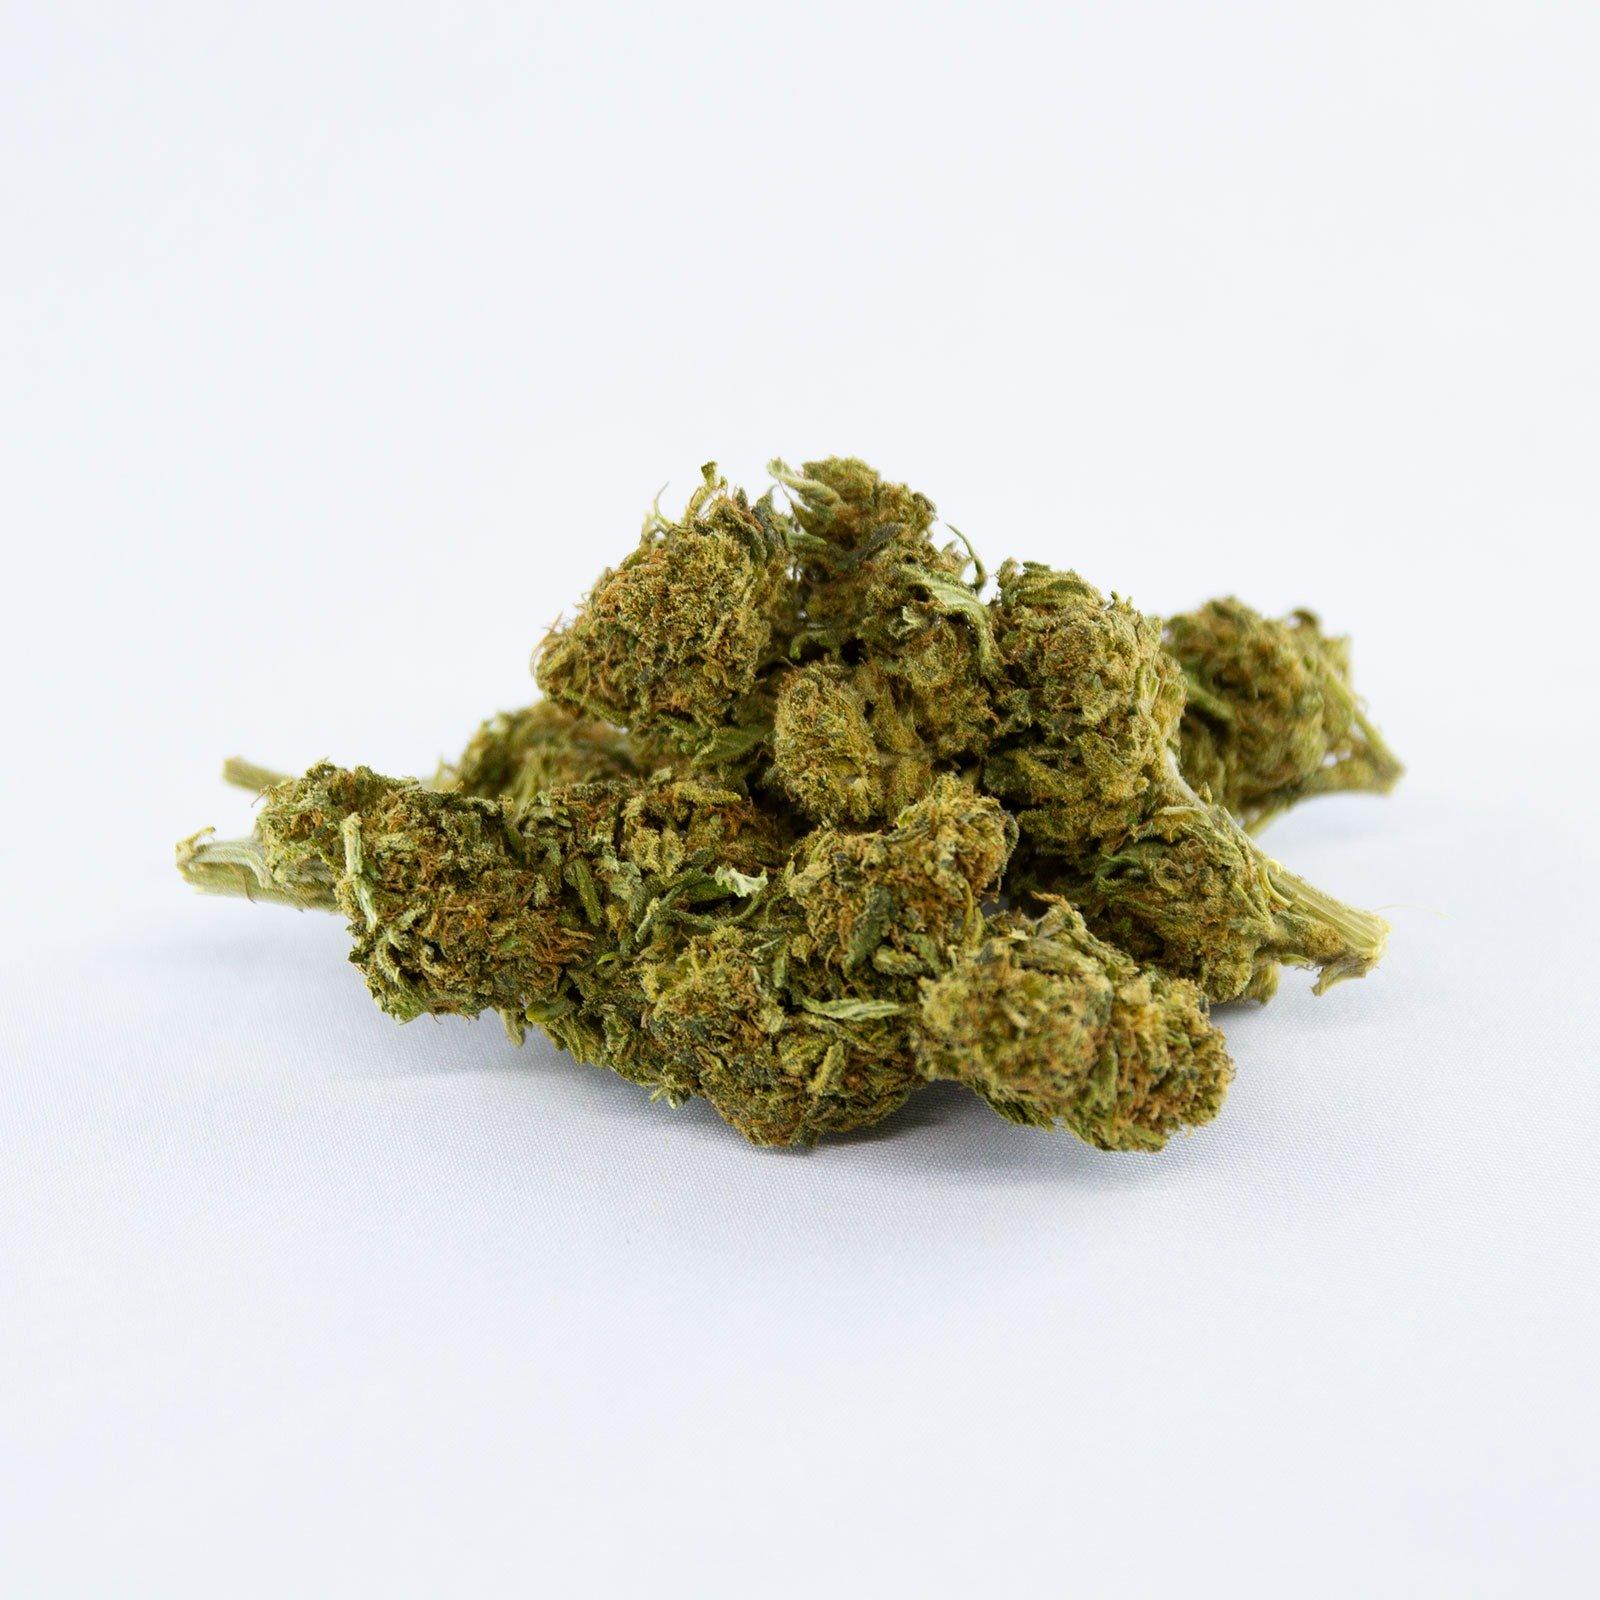 Image de variété INDOOR CHEESE Fleurs de Cannabis CBD 100% légal